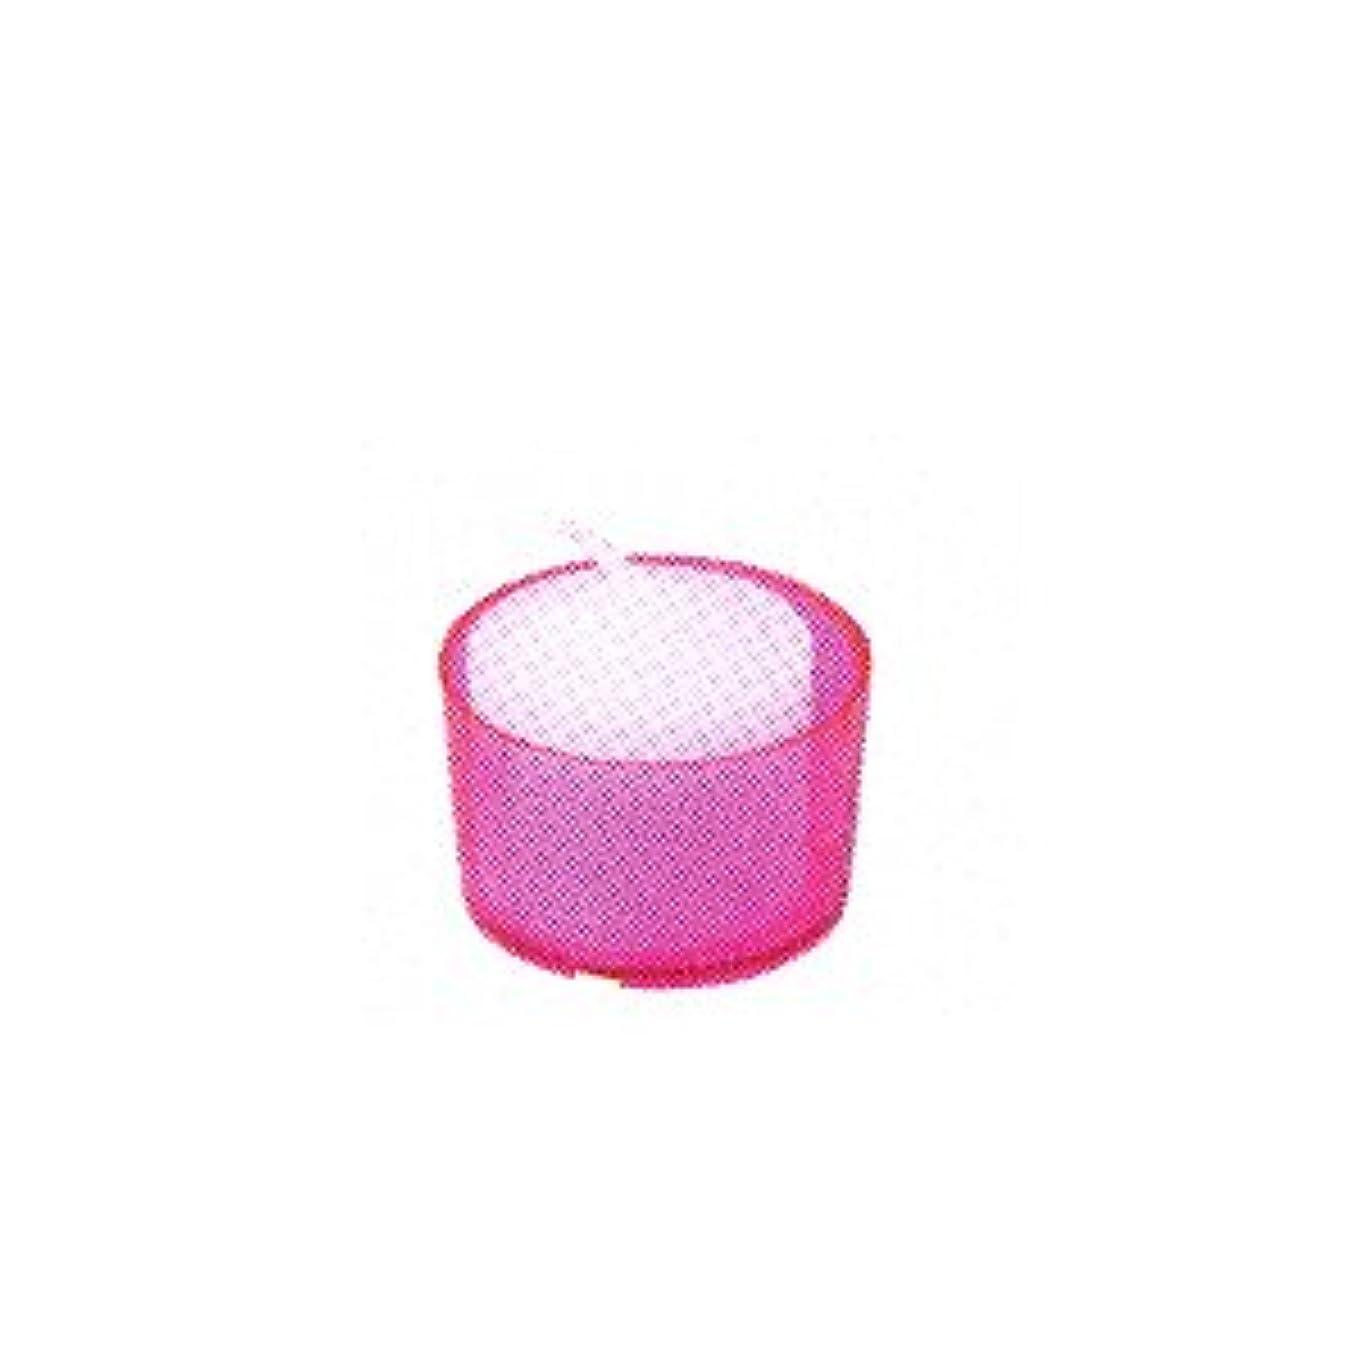 研究所平均王位カメヤマキャンドル カラークリアカップ ボーティブ6 ピンク 24個入